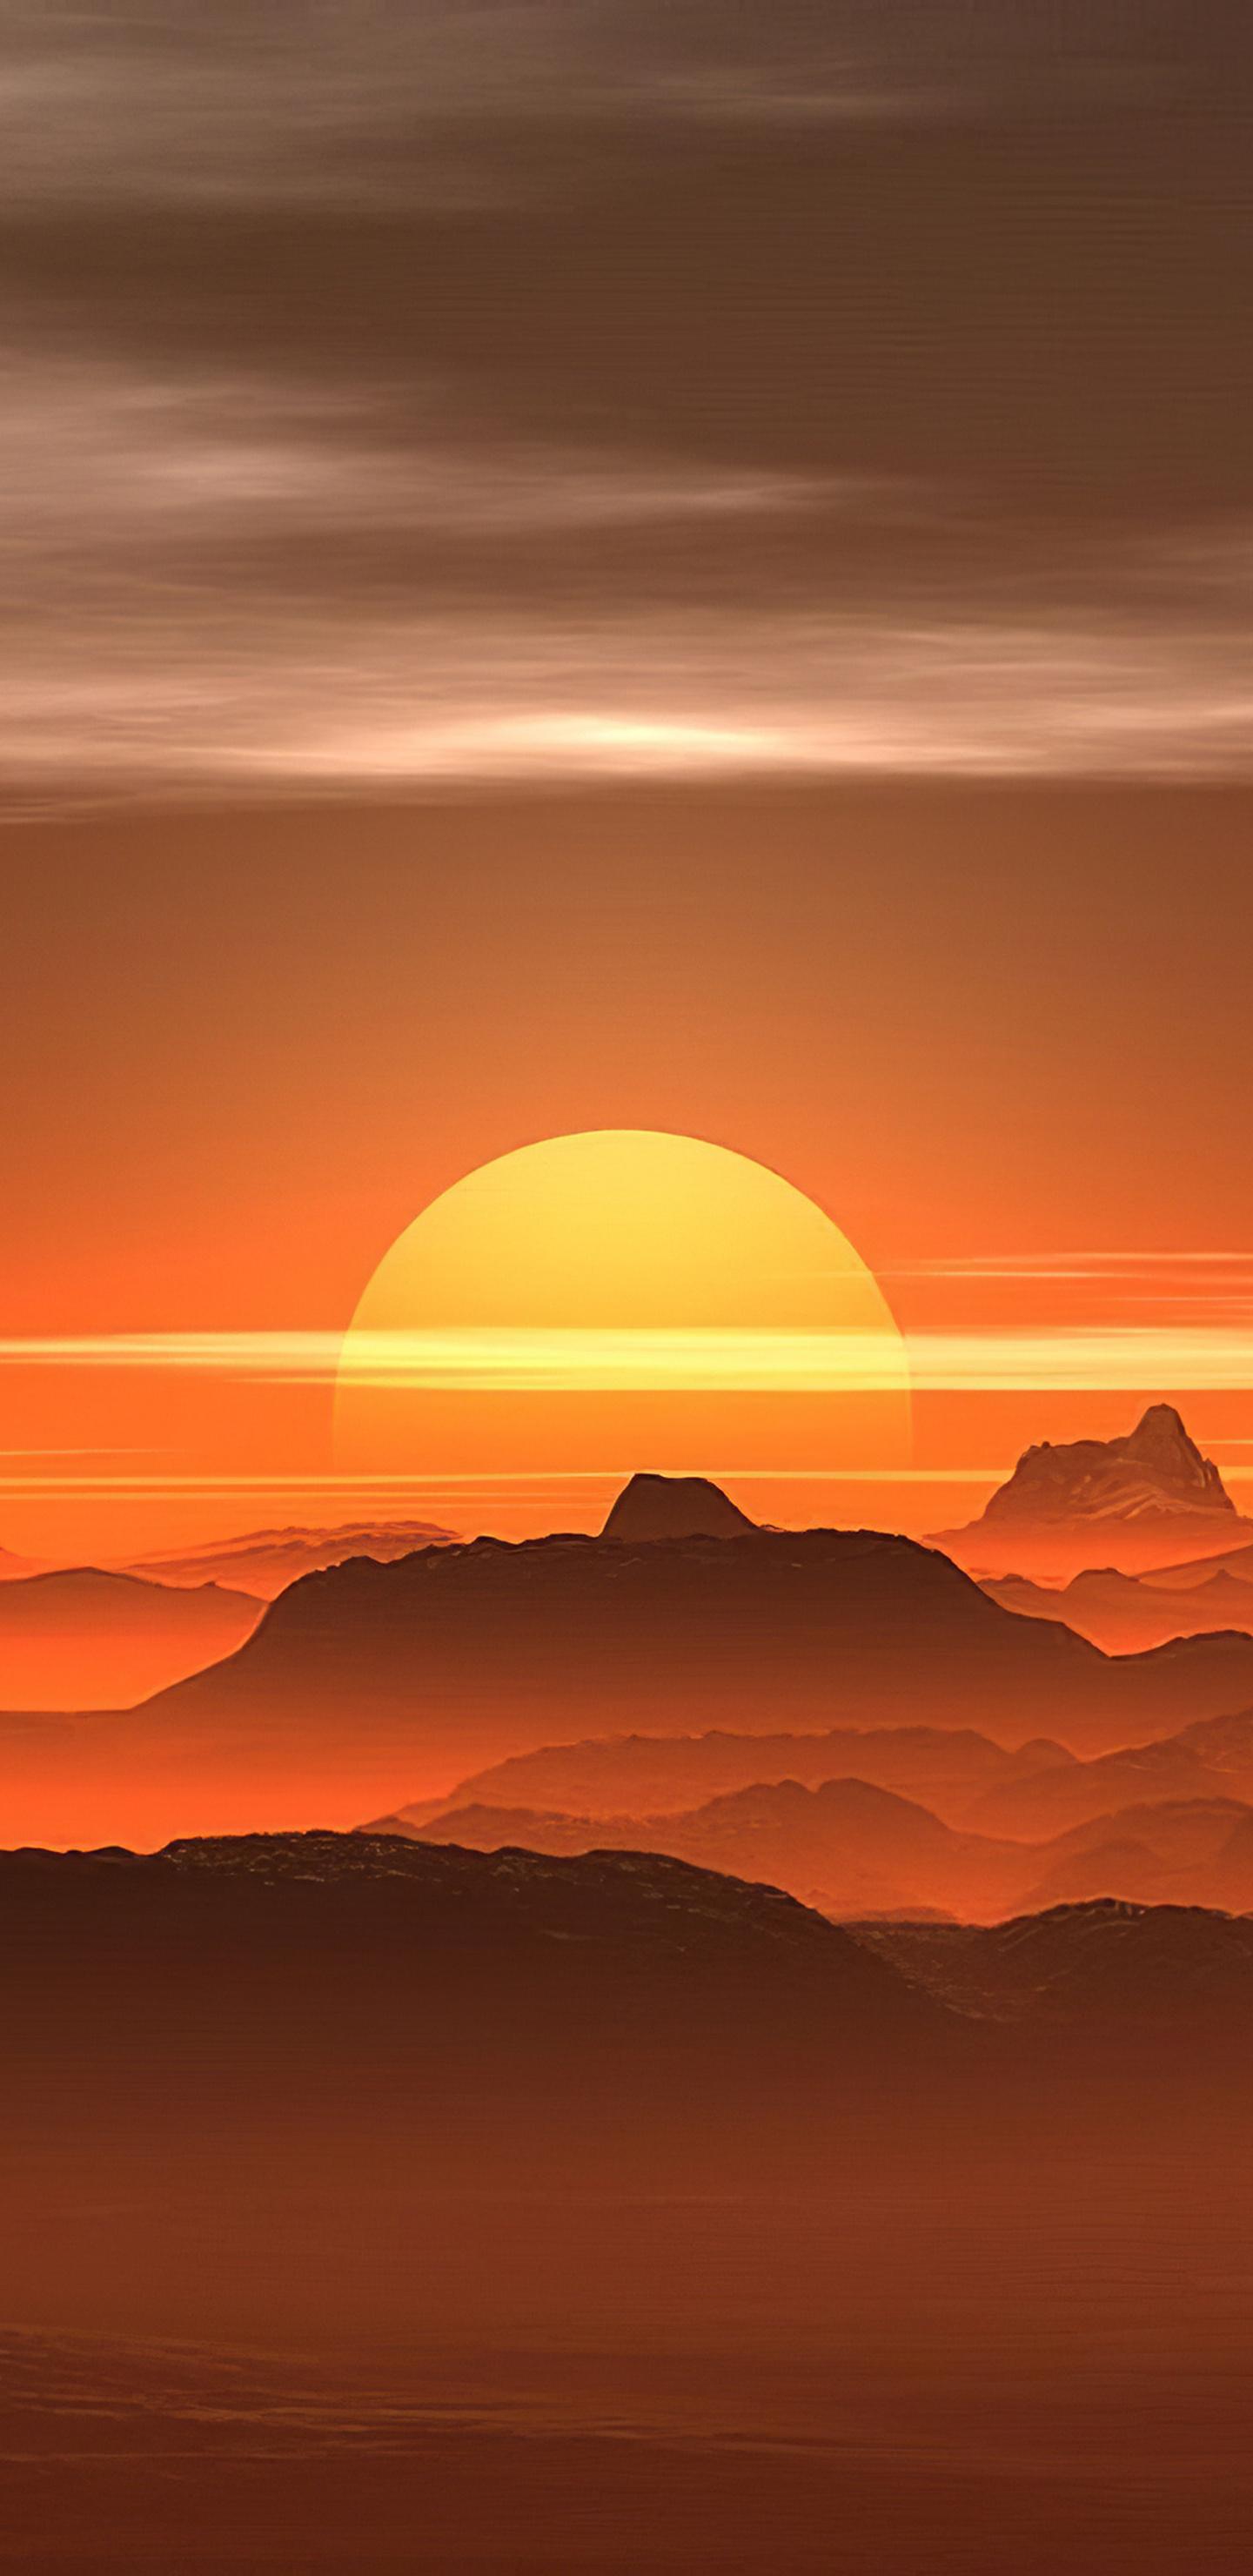 sunset-mist-desert-4k-iq.jpg